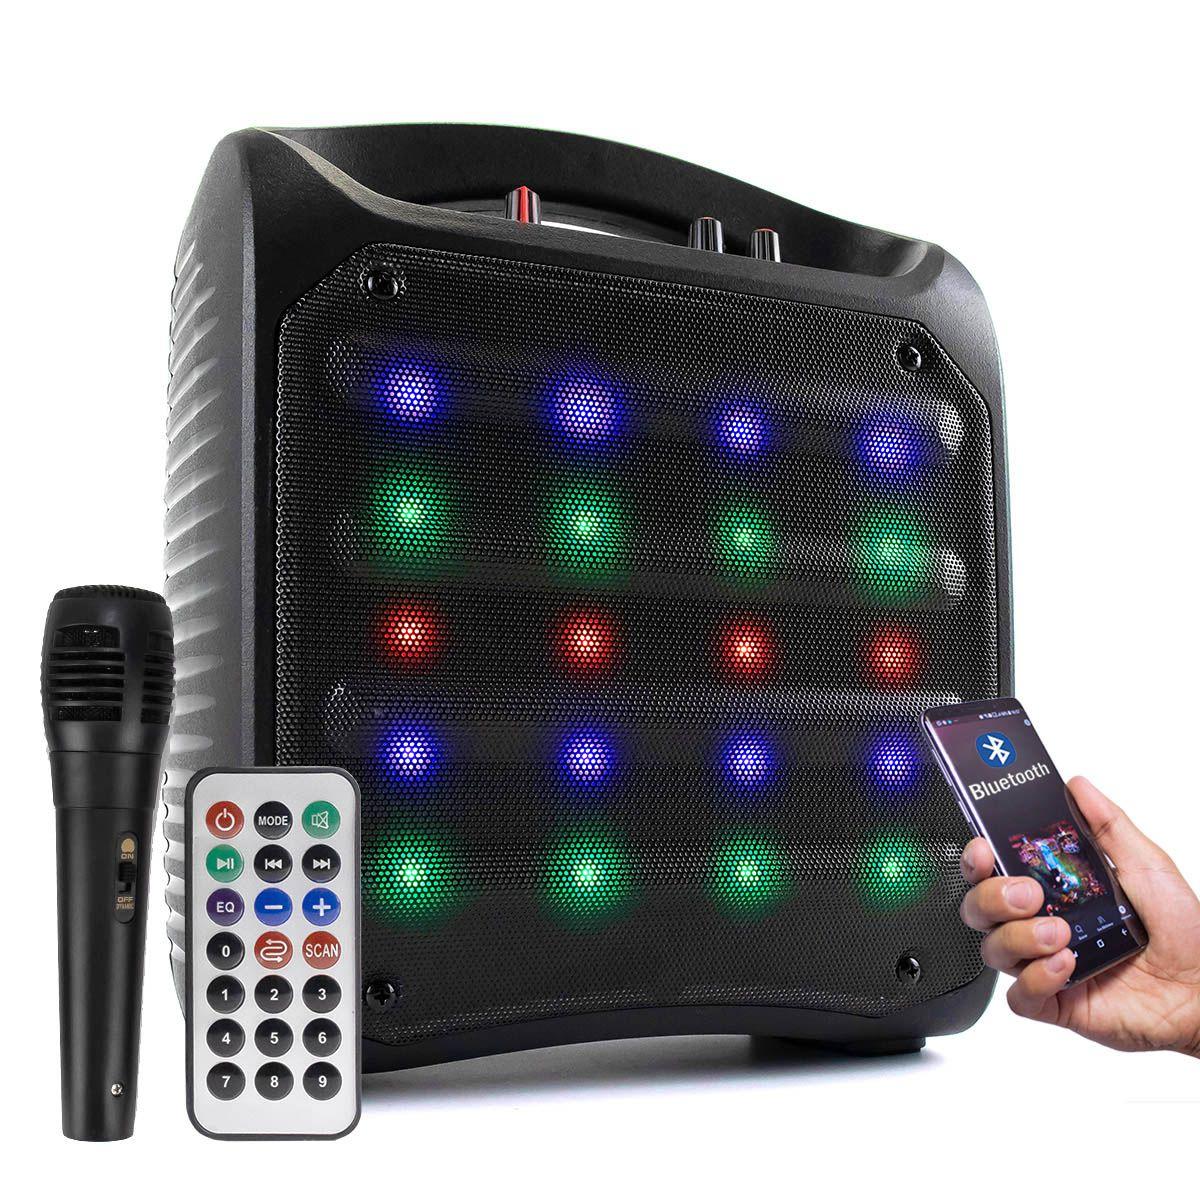 KIT Caixa de Som Bluetooth HI-FI 25W RMS Grasep D-Q9 + Microfone com Fio P10 MIC-PF10